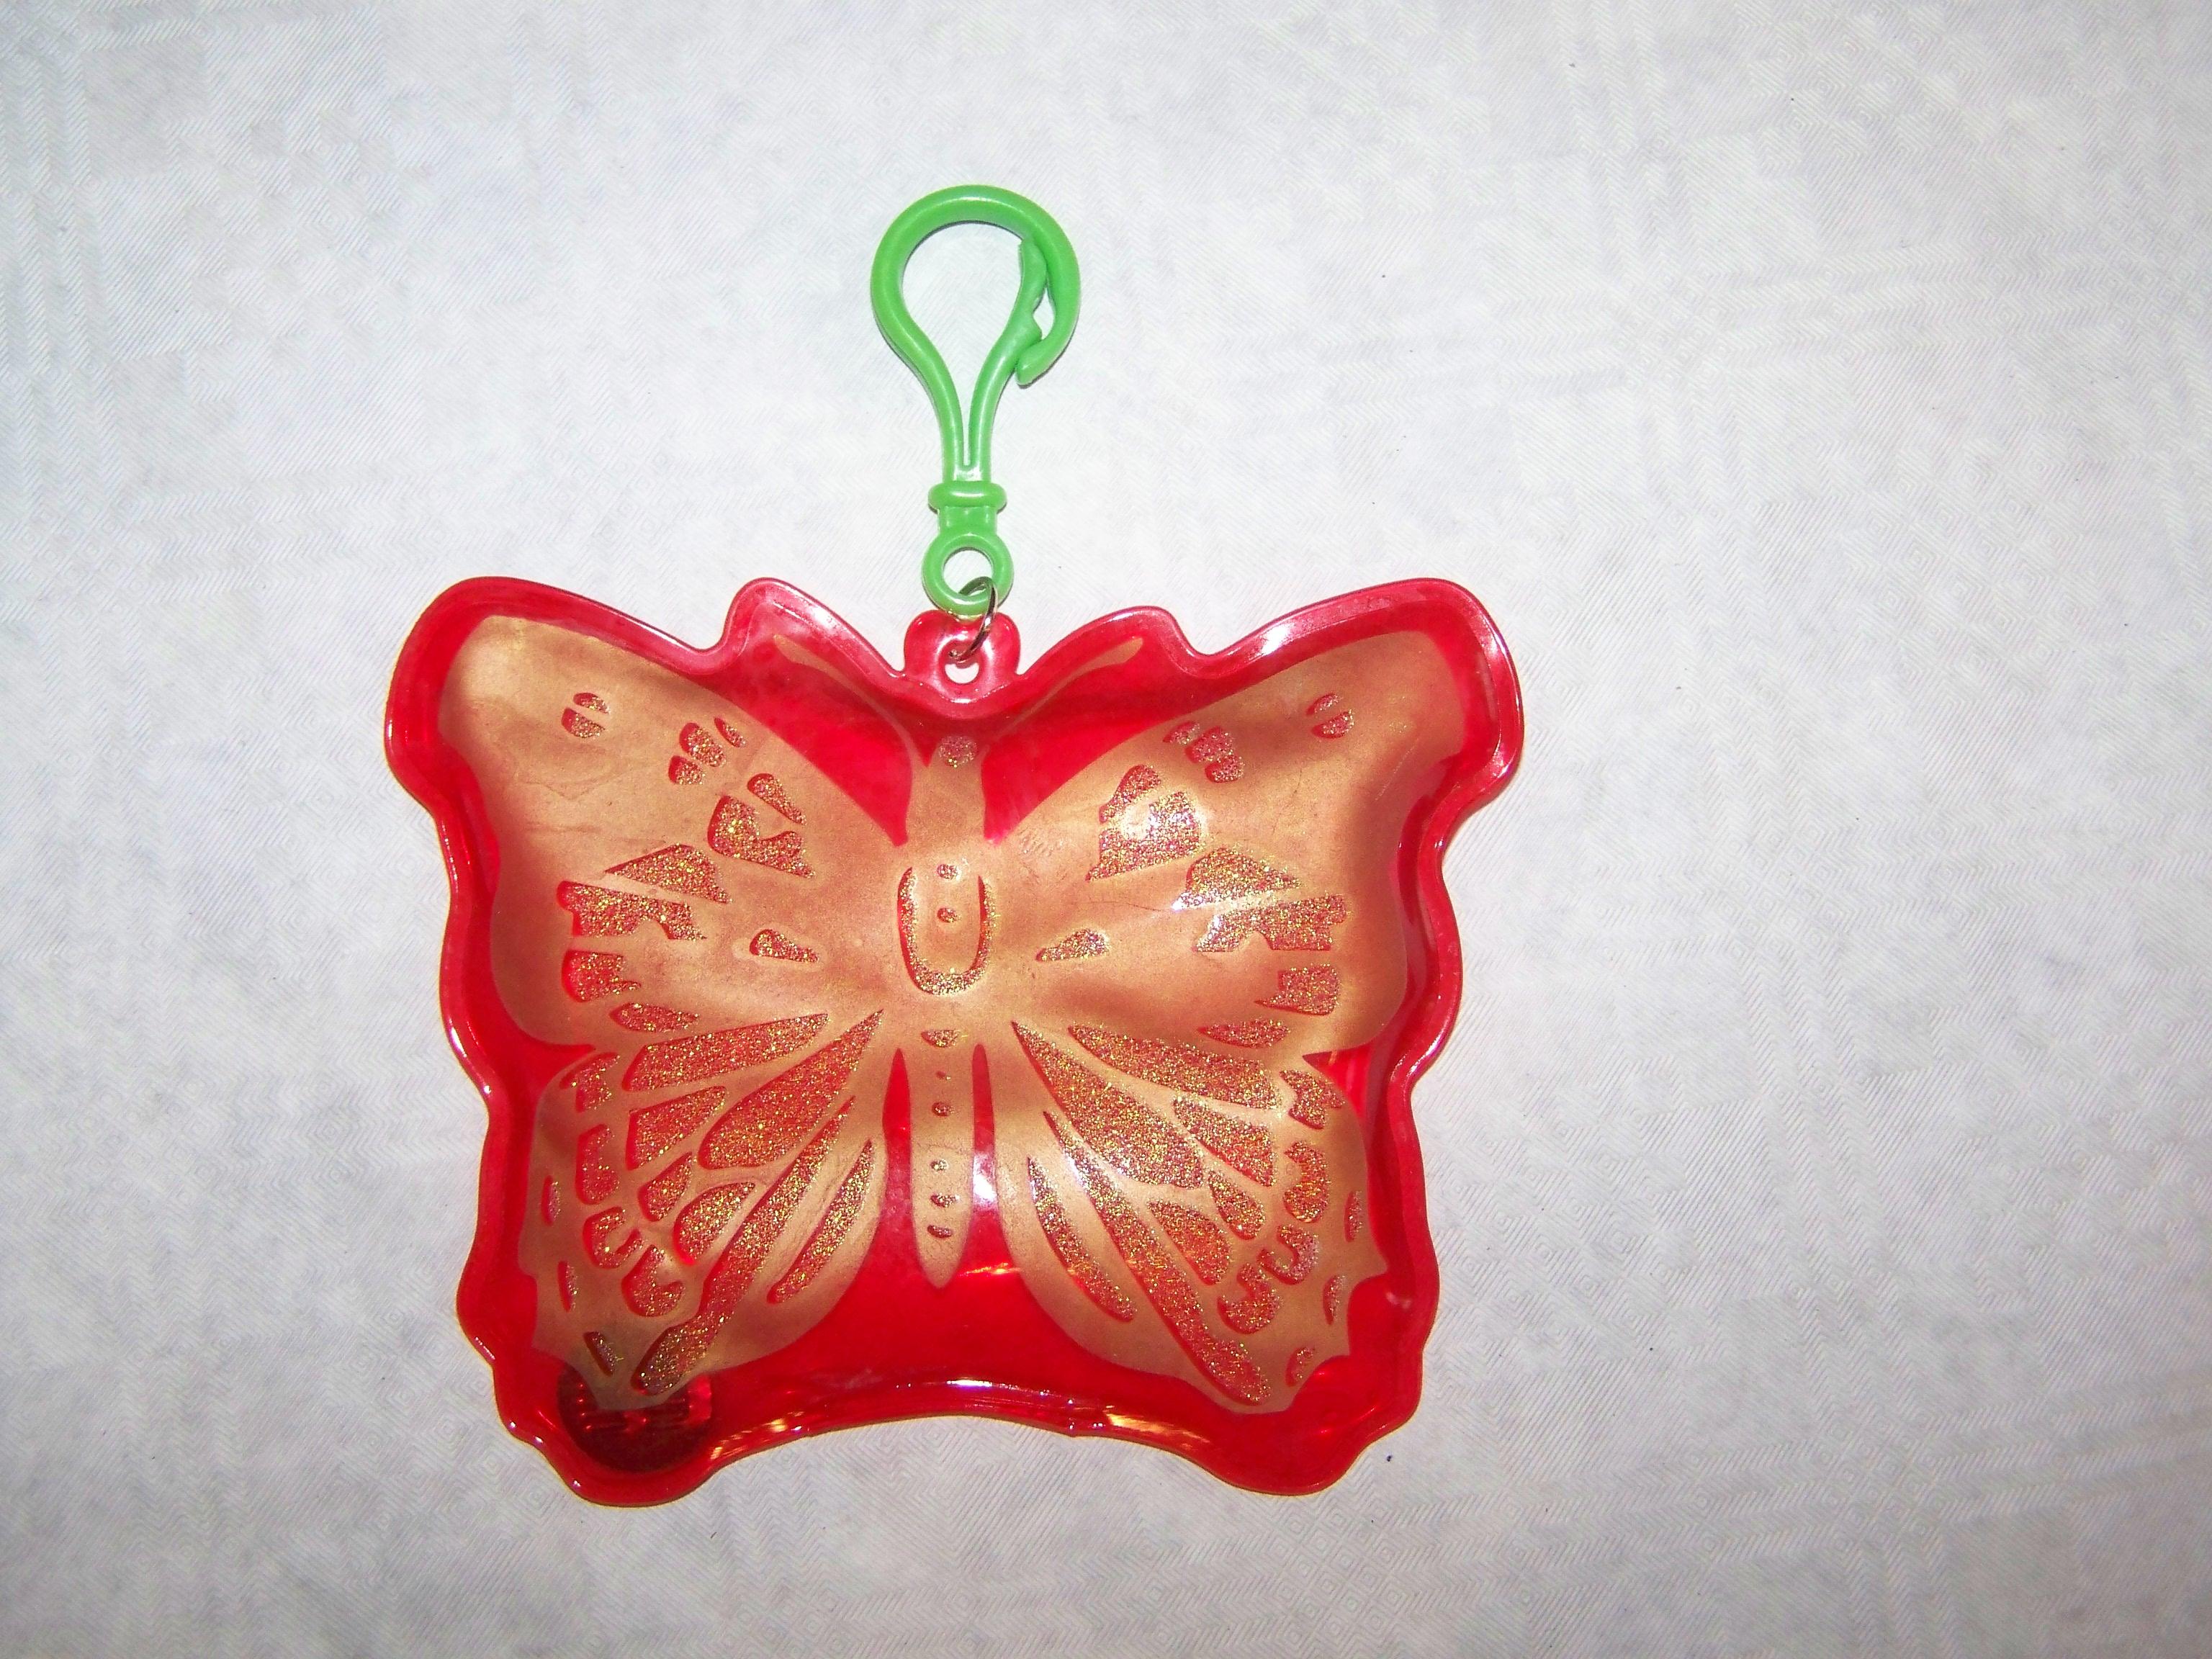 Taschenofen poches réchauffeur compresse de nombreux enfants motifs poches plus plus plus chaud a1ee9f